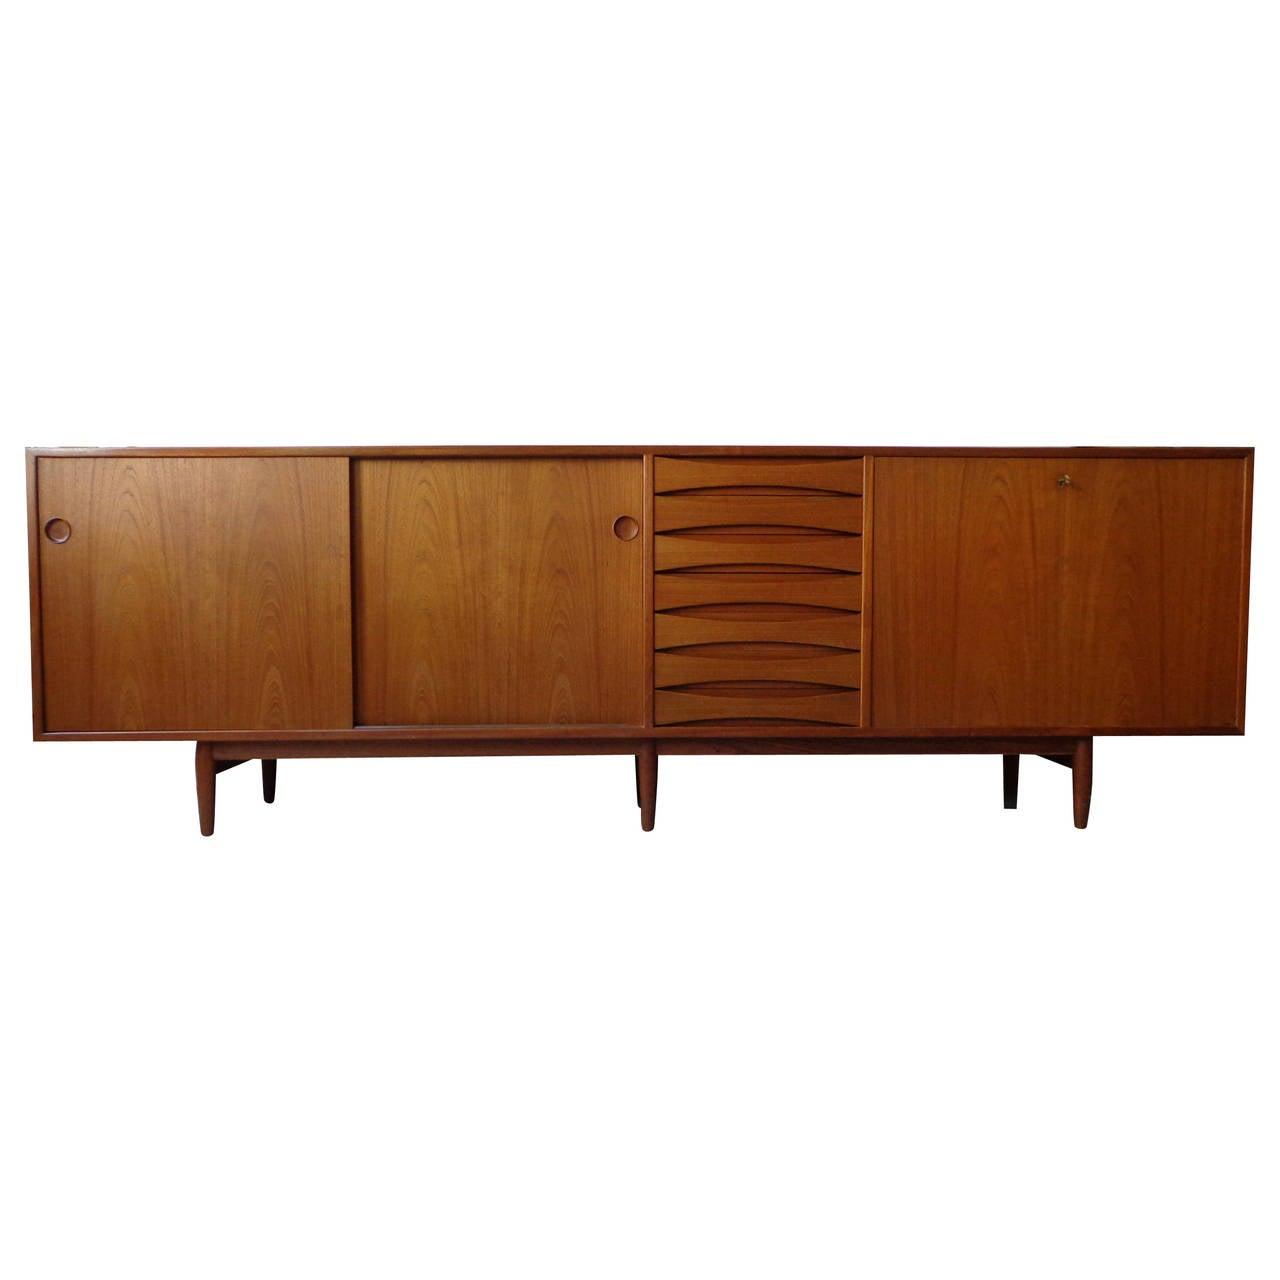 arne vodder sideboard or credenza in teak by sibast mobler at 1stdibs. Black Bedroom Furniture Sets. Home Design Ideas